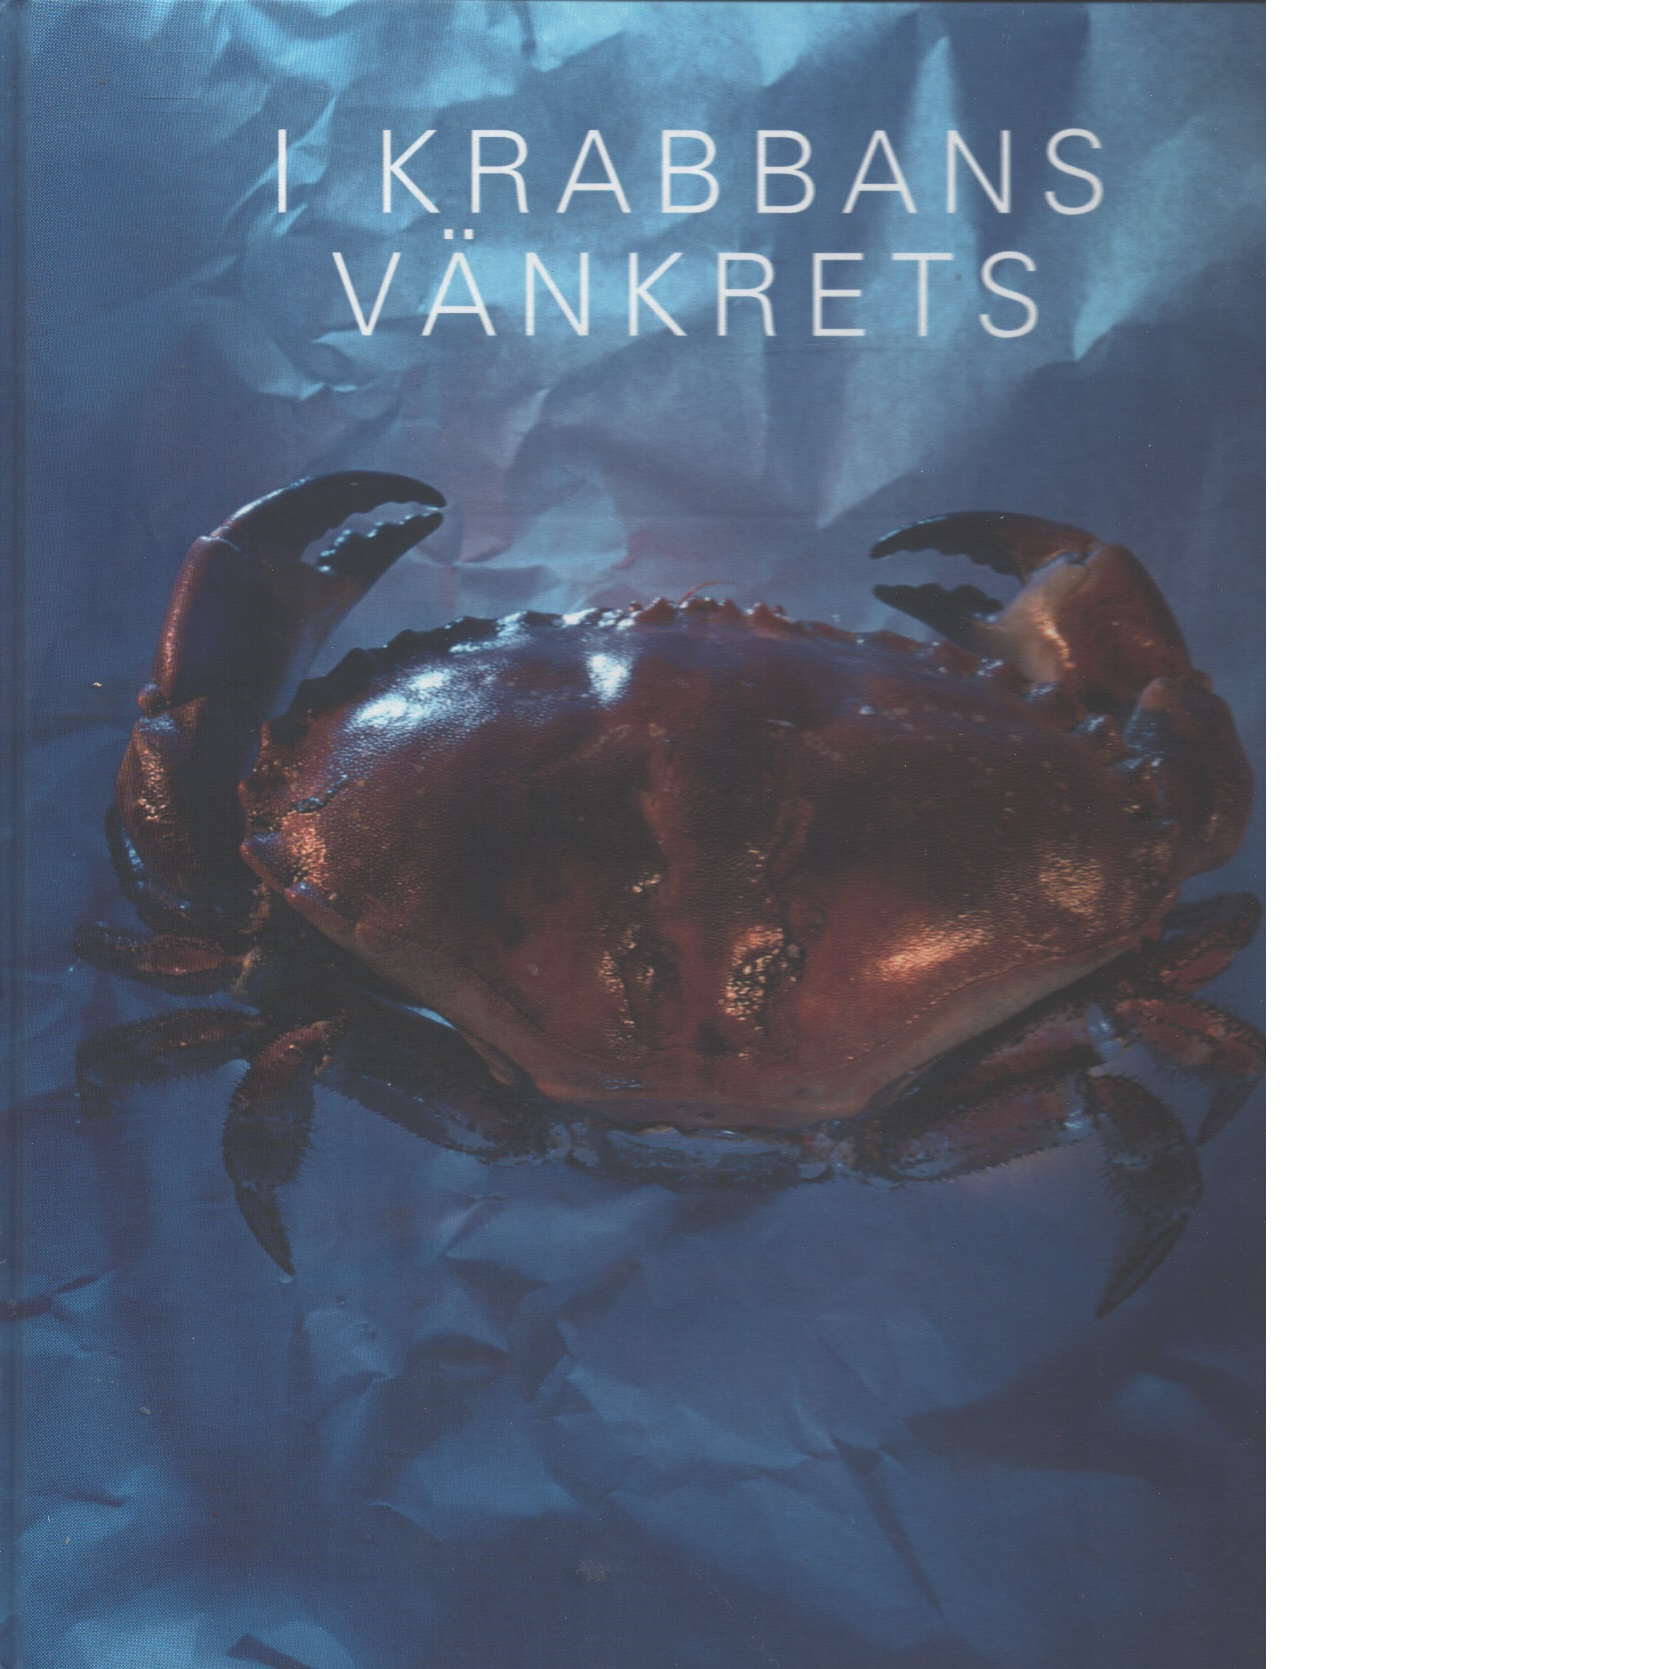 I krabbans vänkrets - Red.